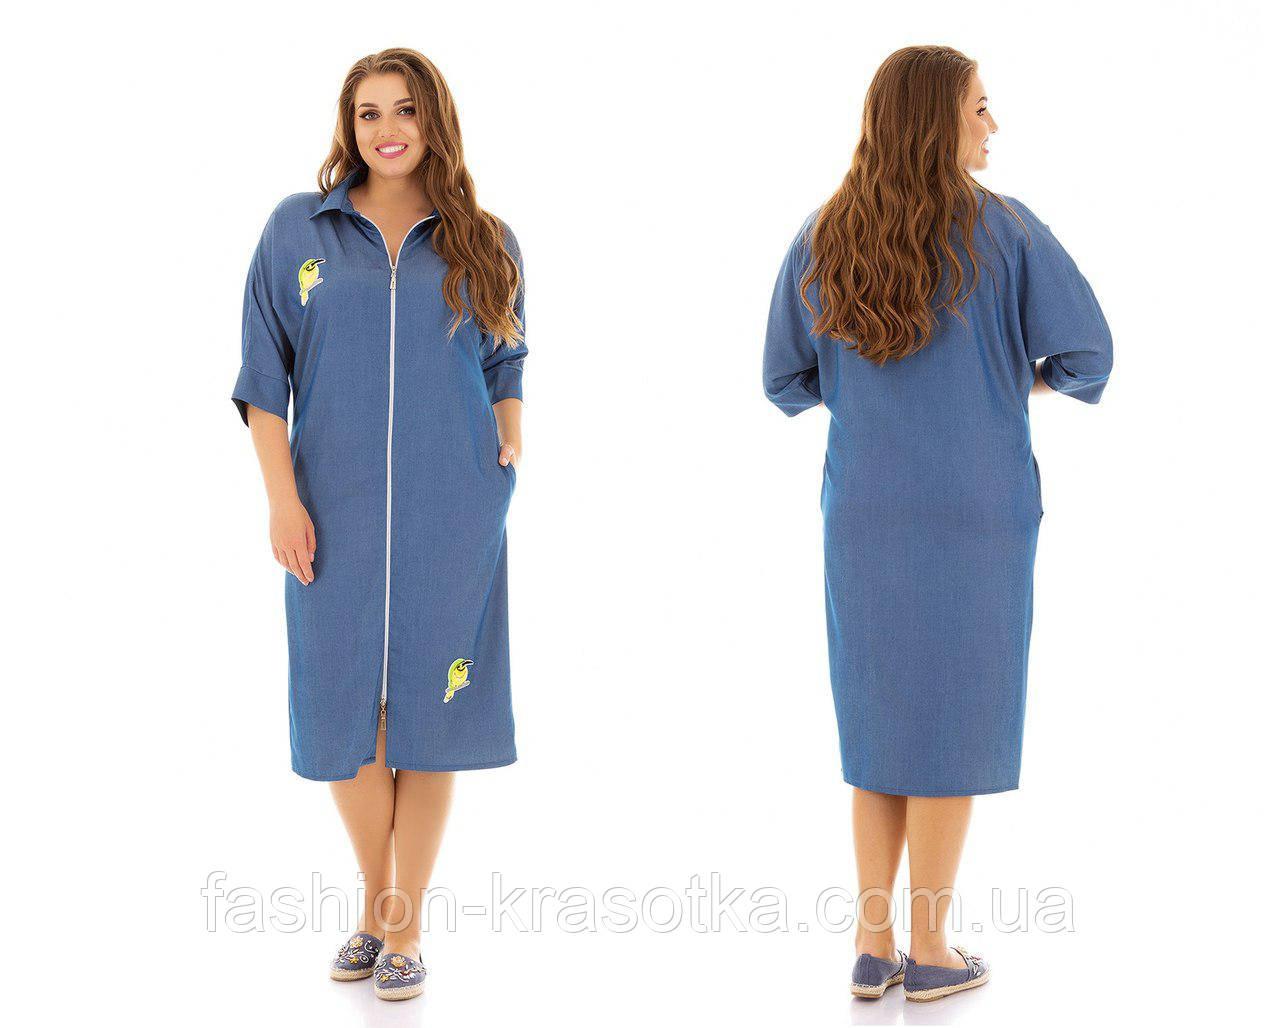 Модное-женское платье -рубашка на змейке больших размеров